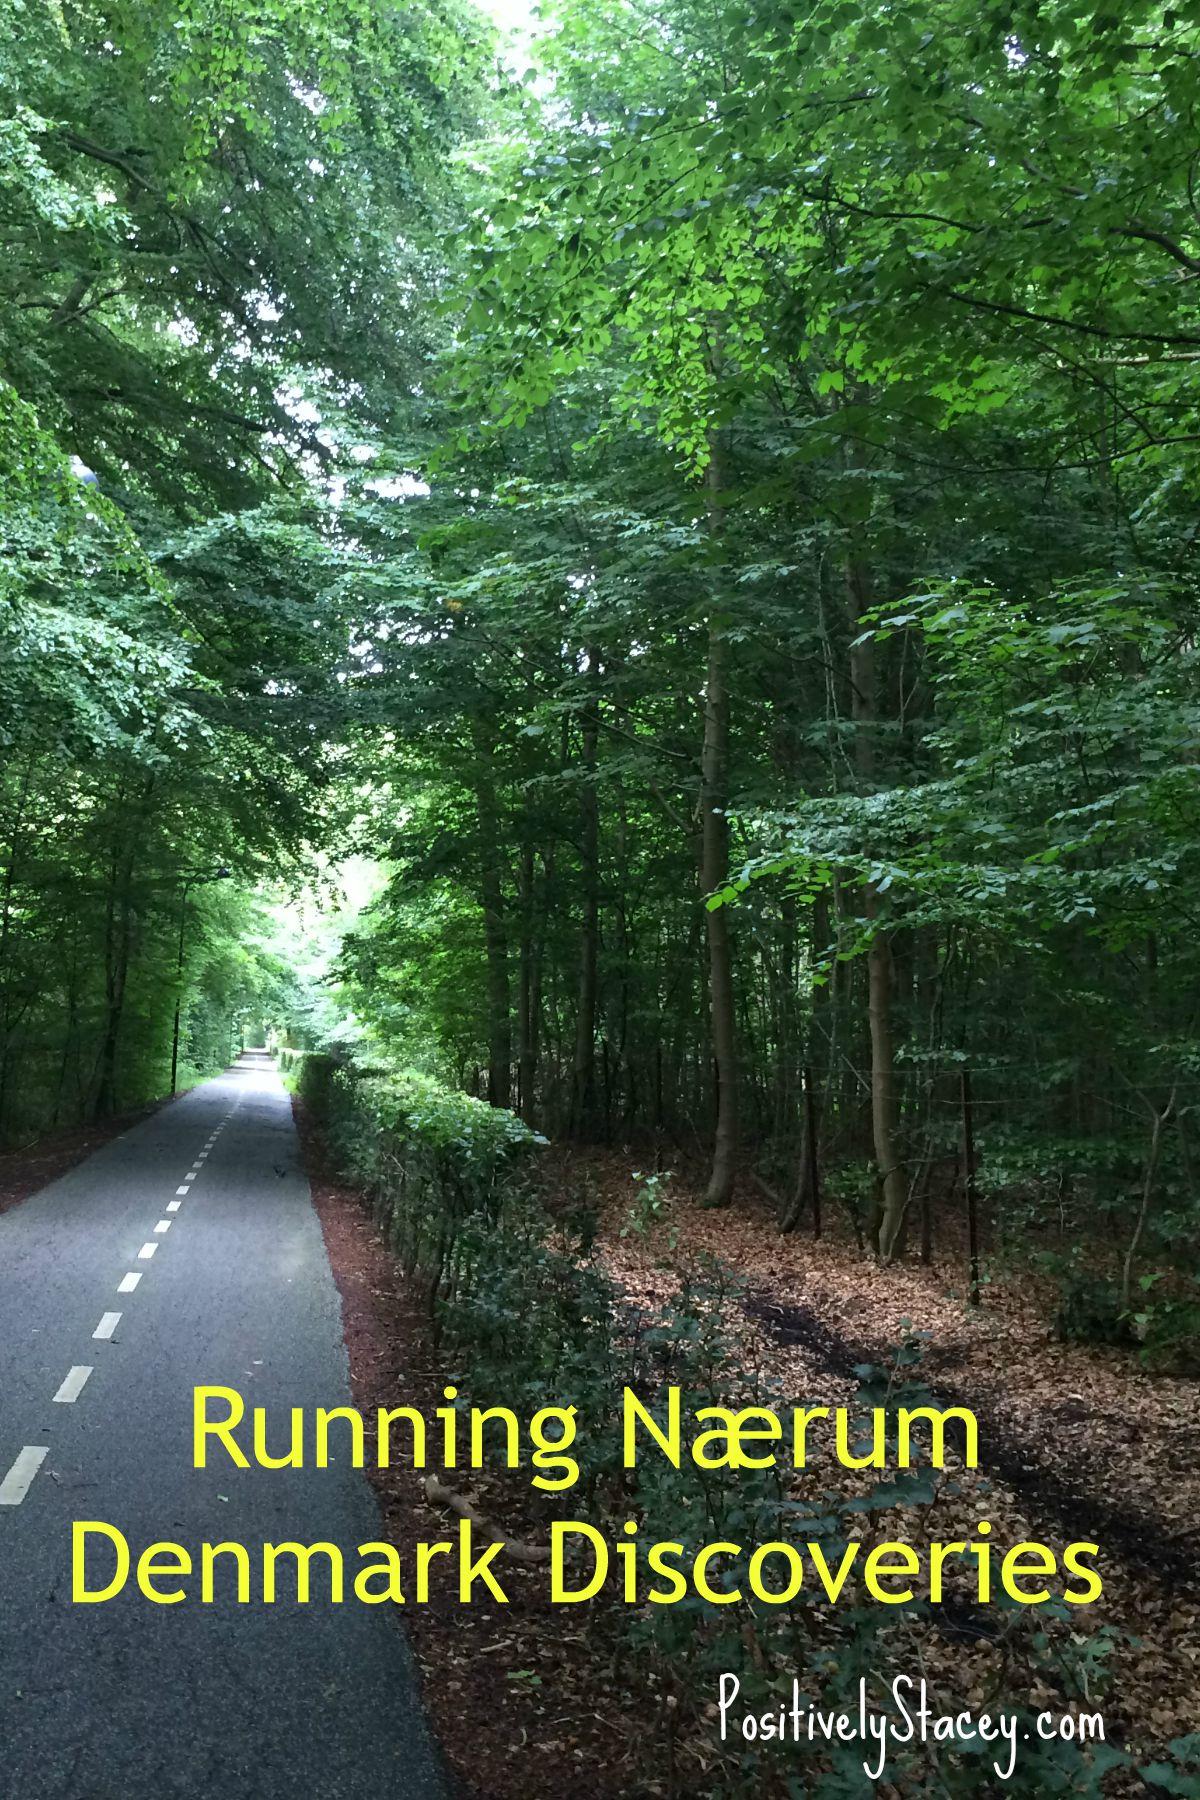 Running Nærum